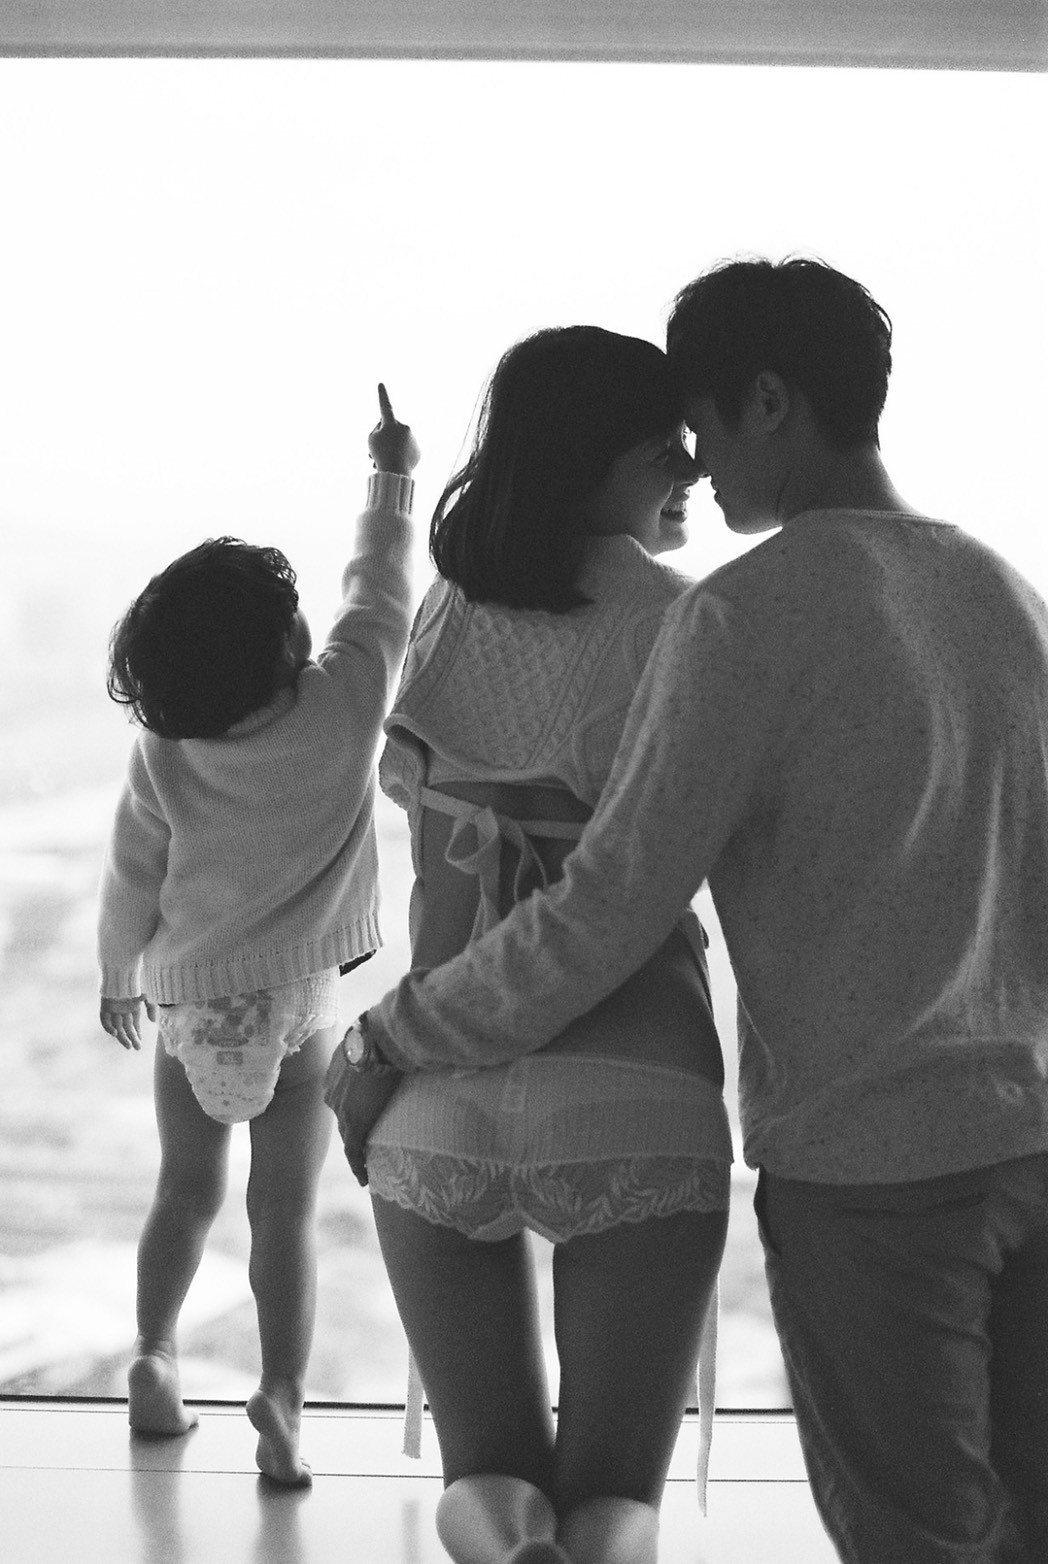 林舒語預產期到,日前挺肚和老公、3歲兒子拍全家福,背影身材依然姣好。圖/多曼尼提...